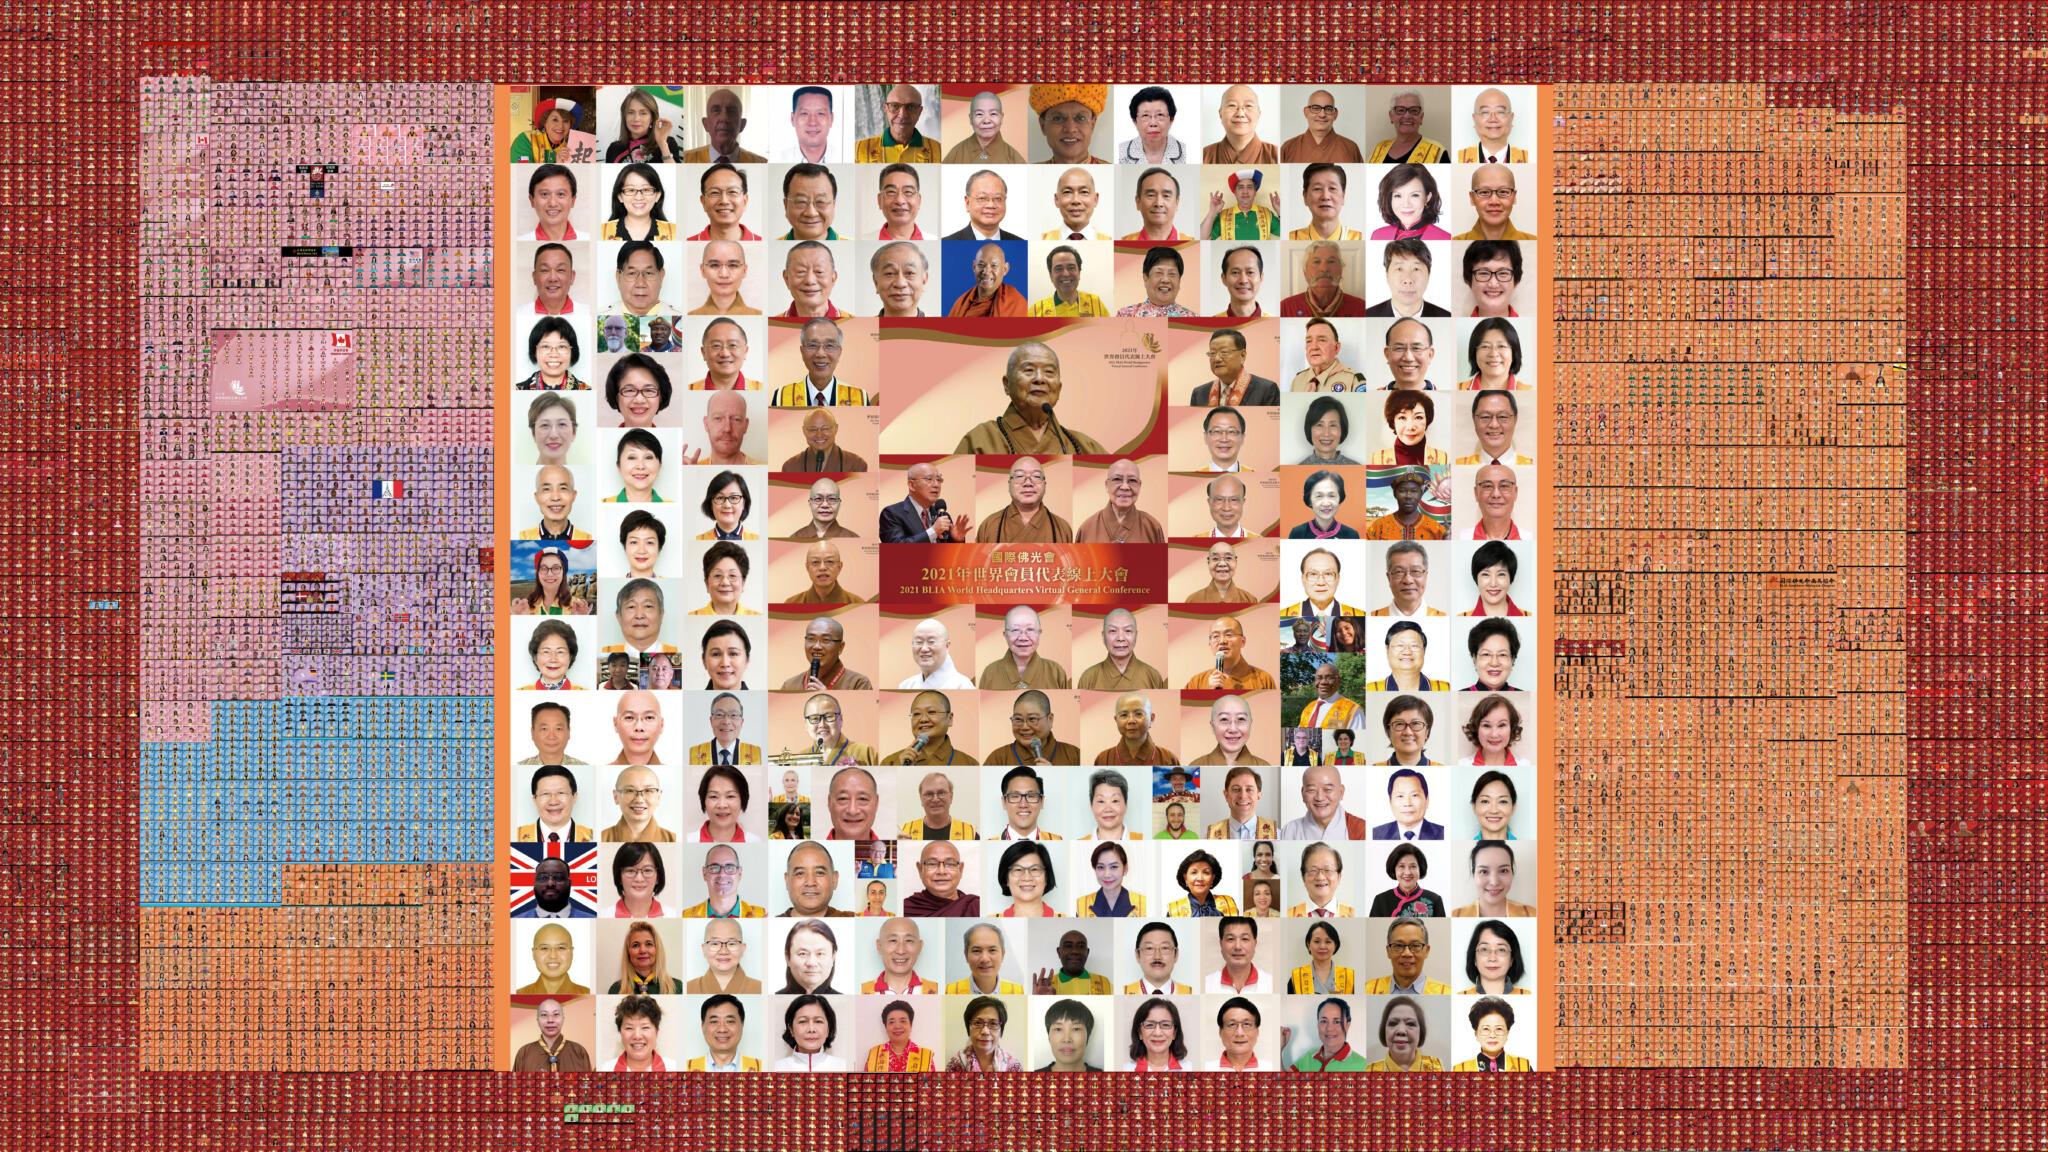 國際佛光會世界會員代表線上大會吸2萬人 《智慧與創新》感動全球佛光人